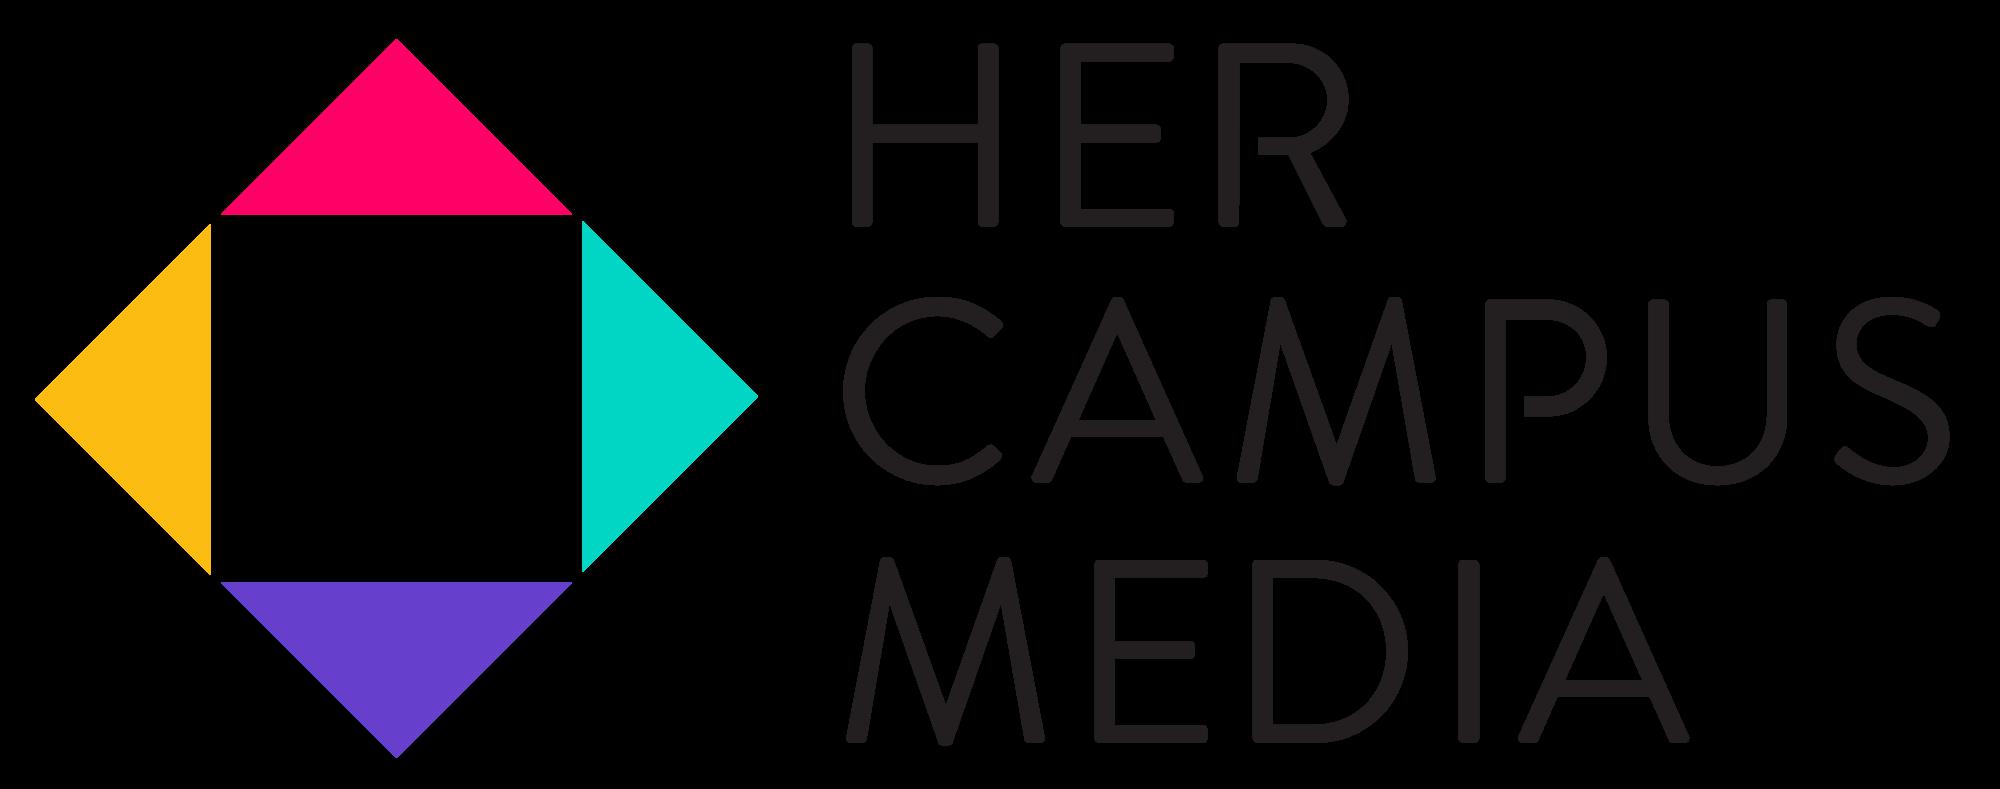 Her Campus Media | Drupal.org